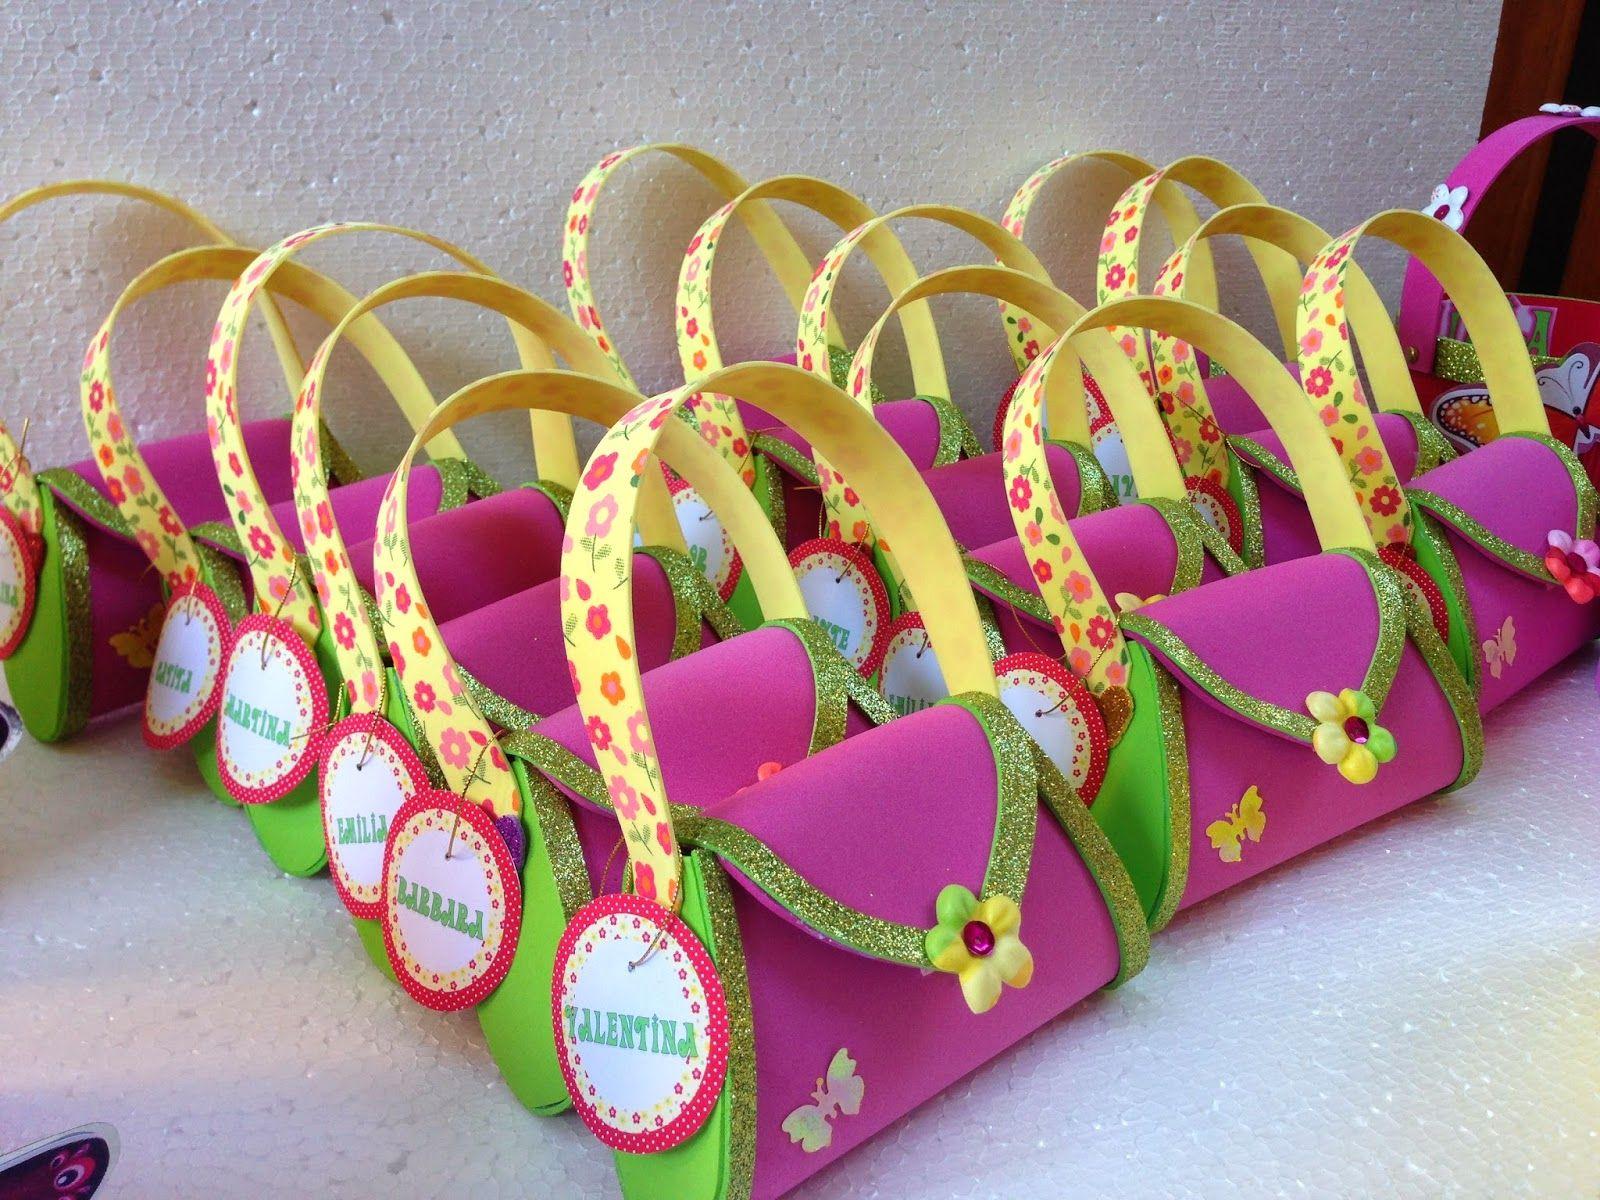 Decoraciones infantiles carteritas de goma eva tematicas for Decoraciones infantiles